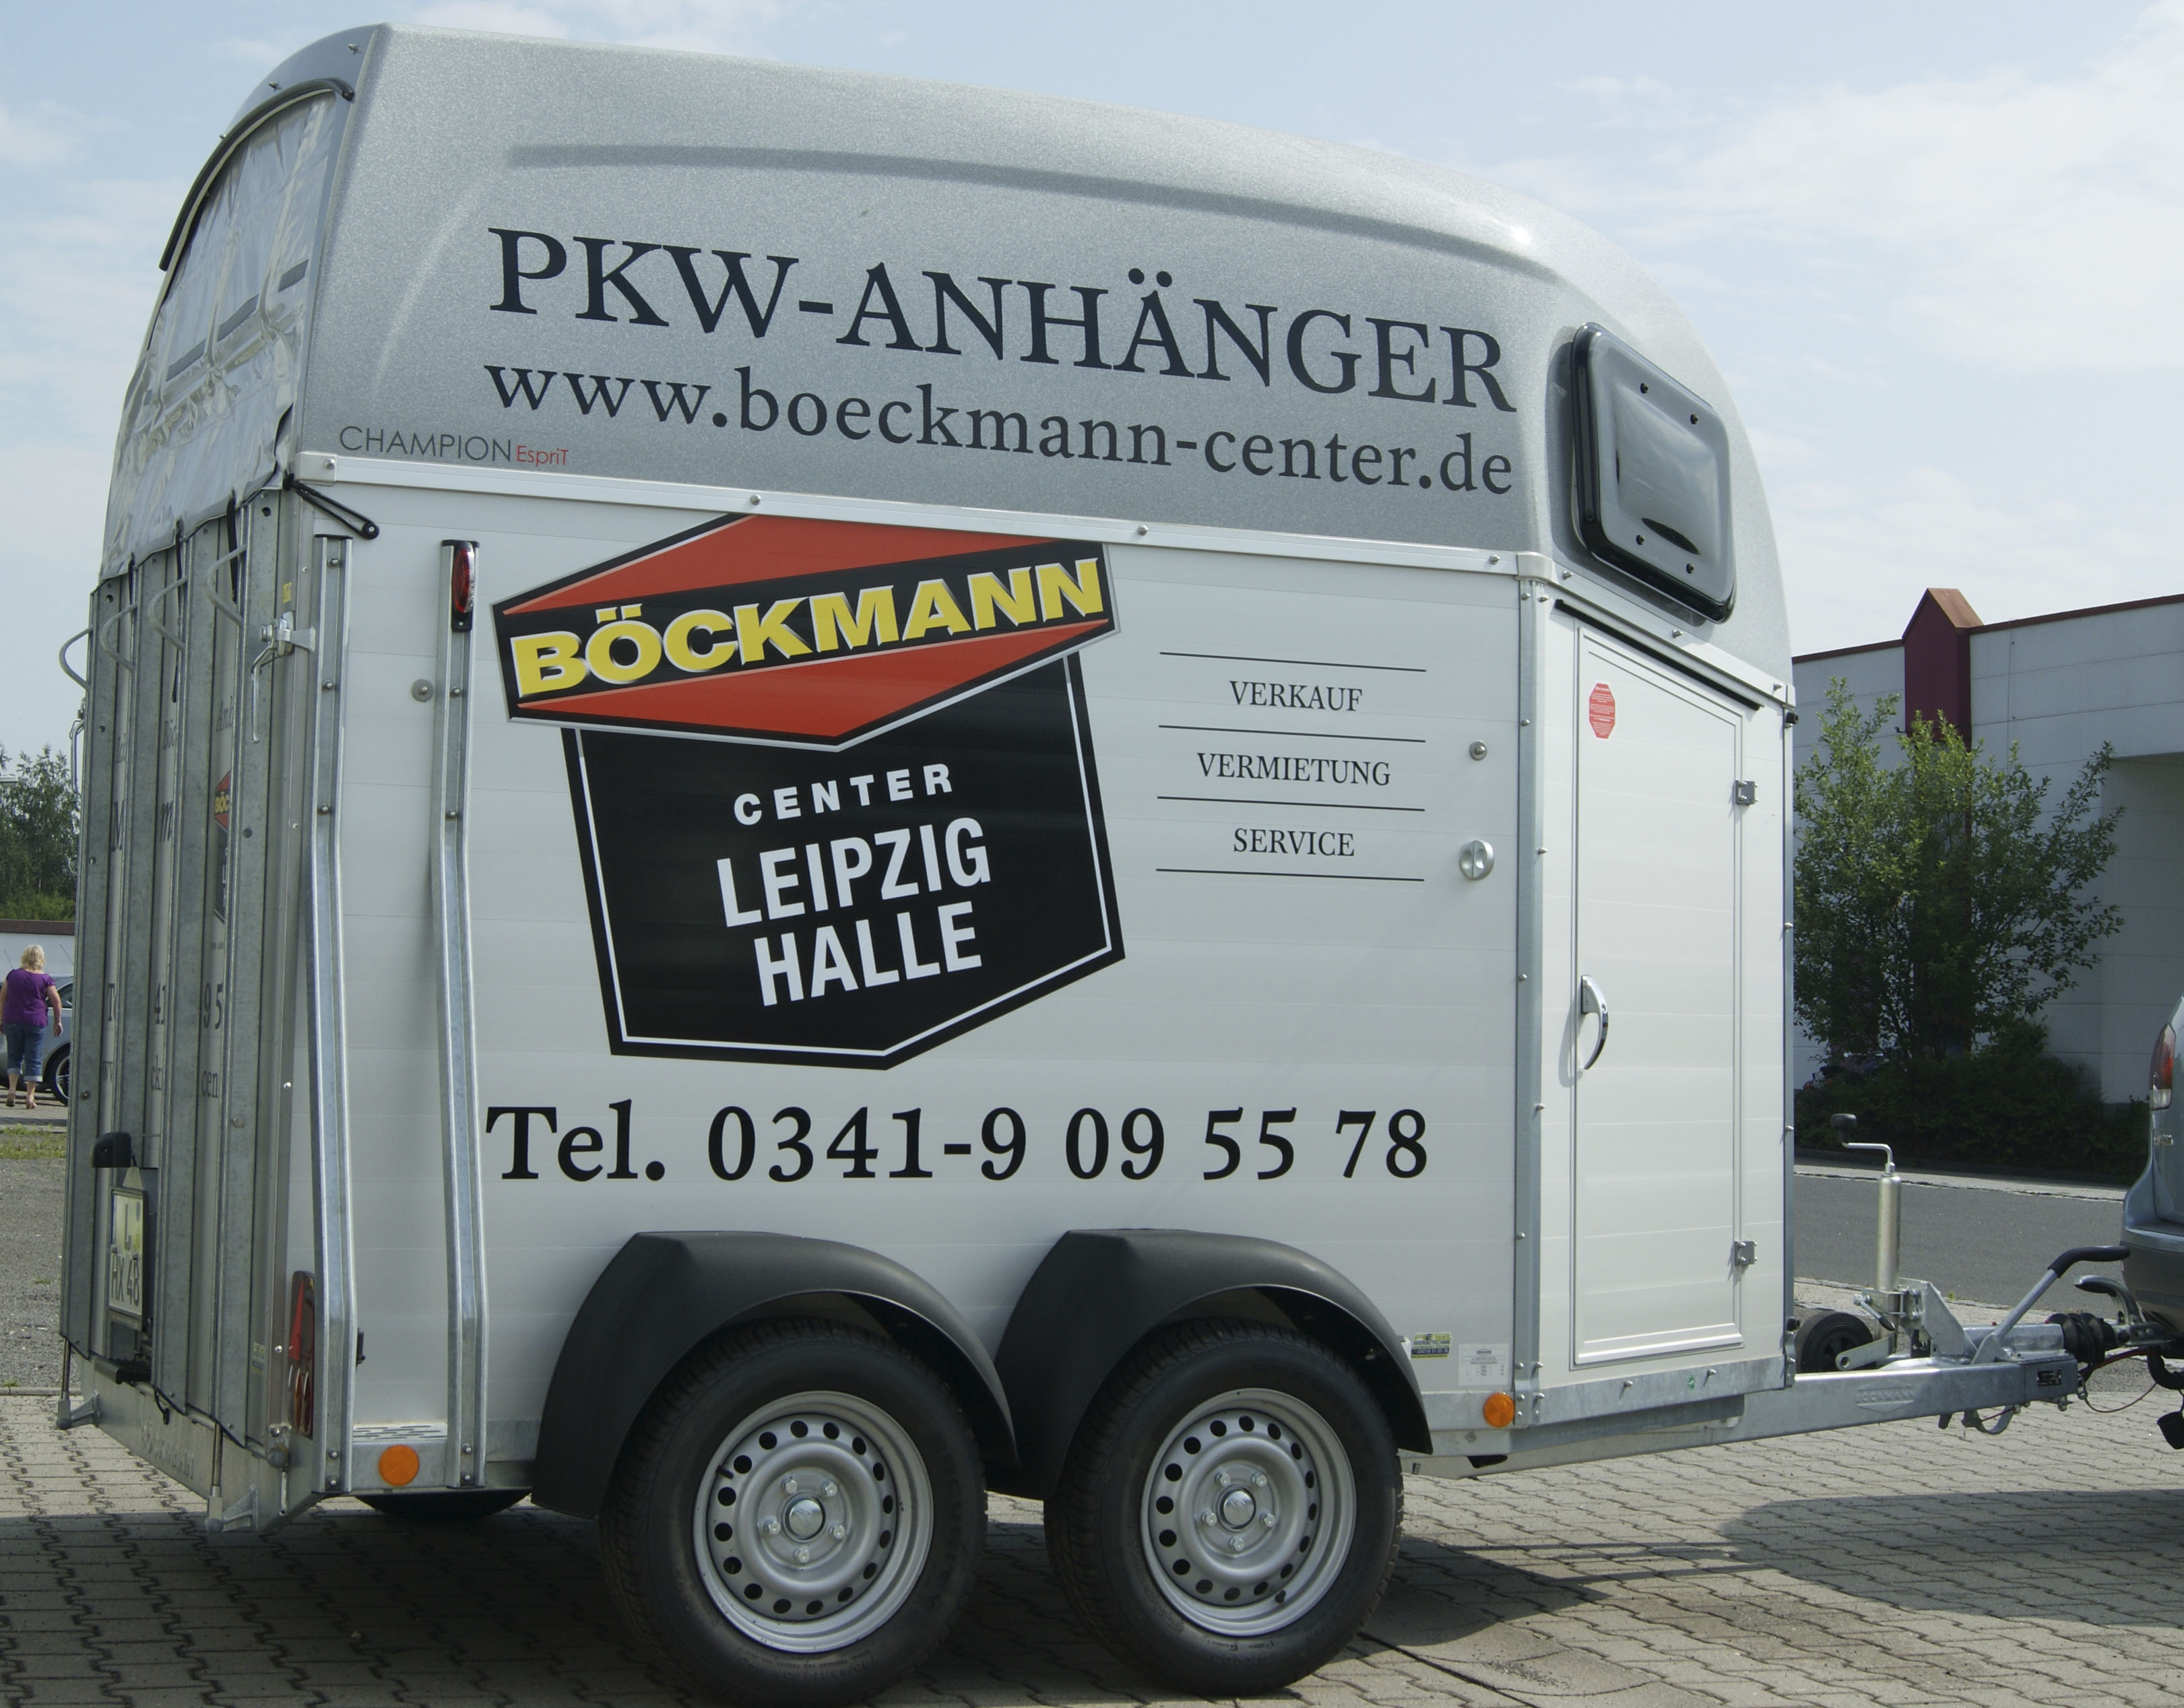 Böckmann Center Leipzig Halle